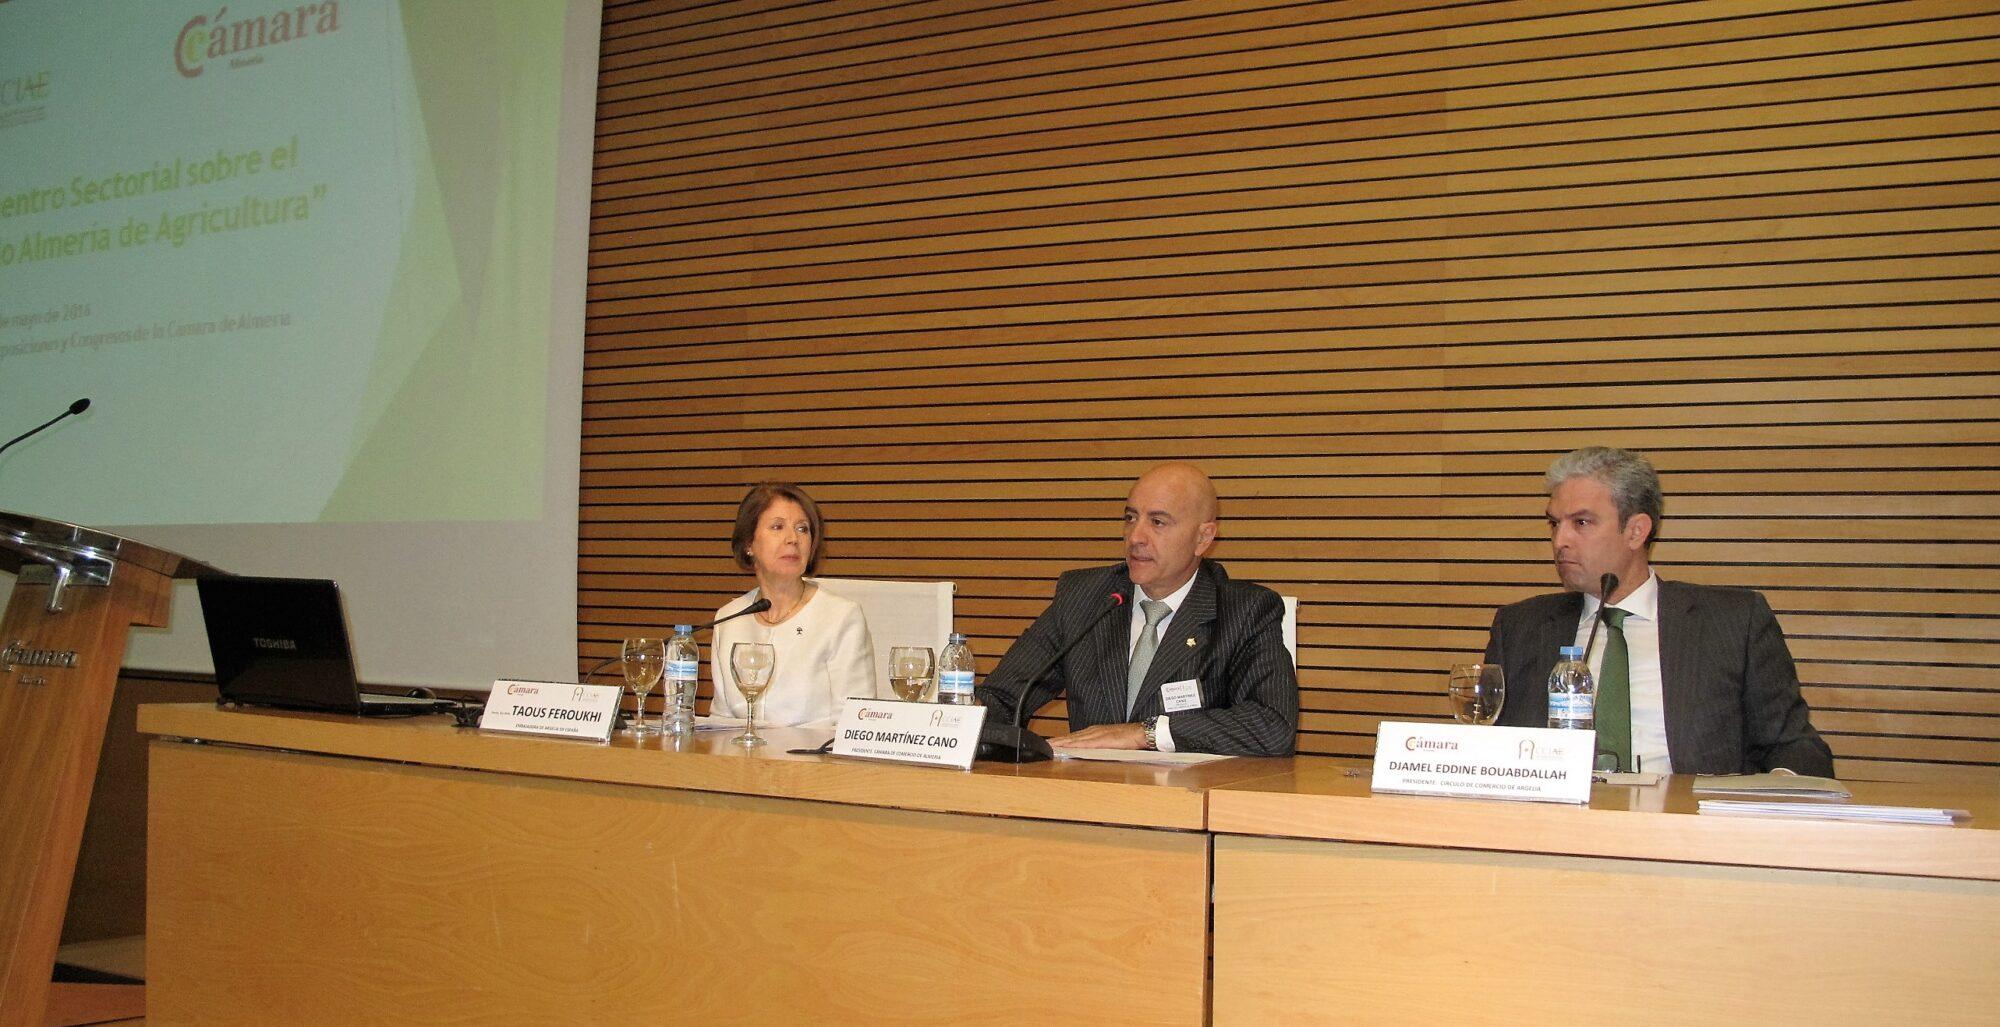 (De izquierda a derecha). Embajadora, presidente de la Cámara almeriense y presidente del Circulo Hispano Argelino.